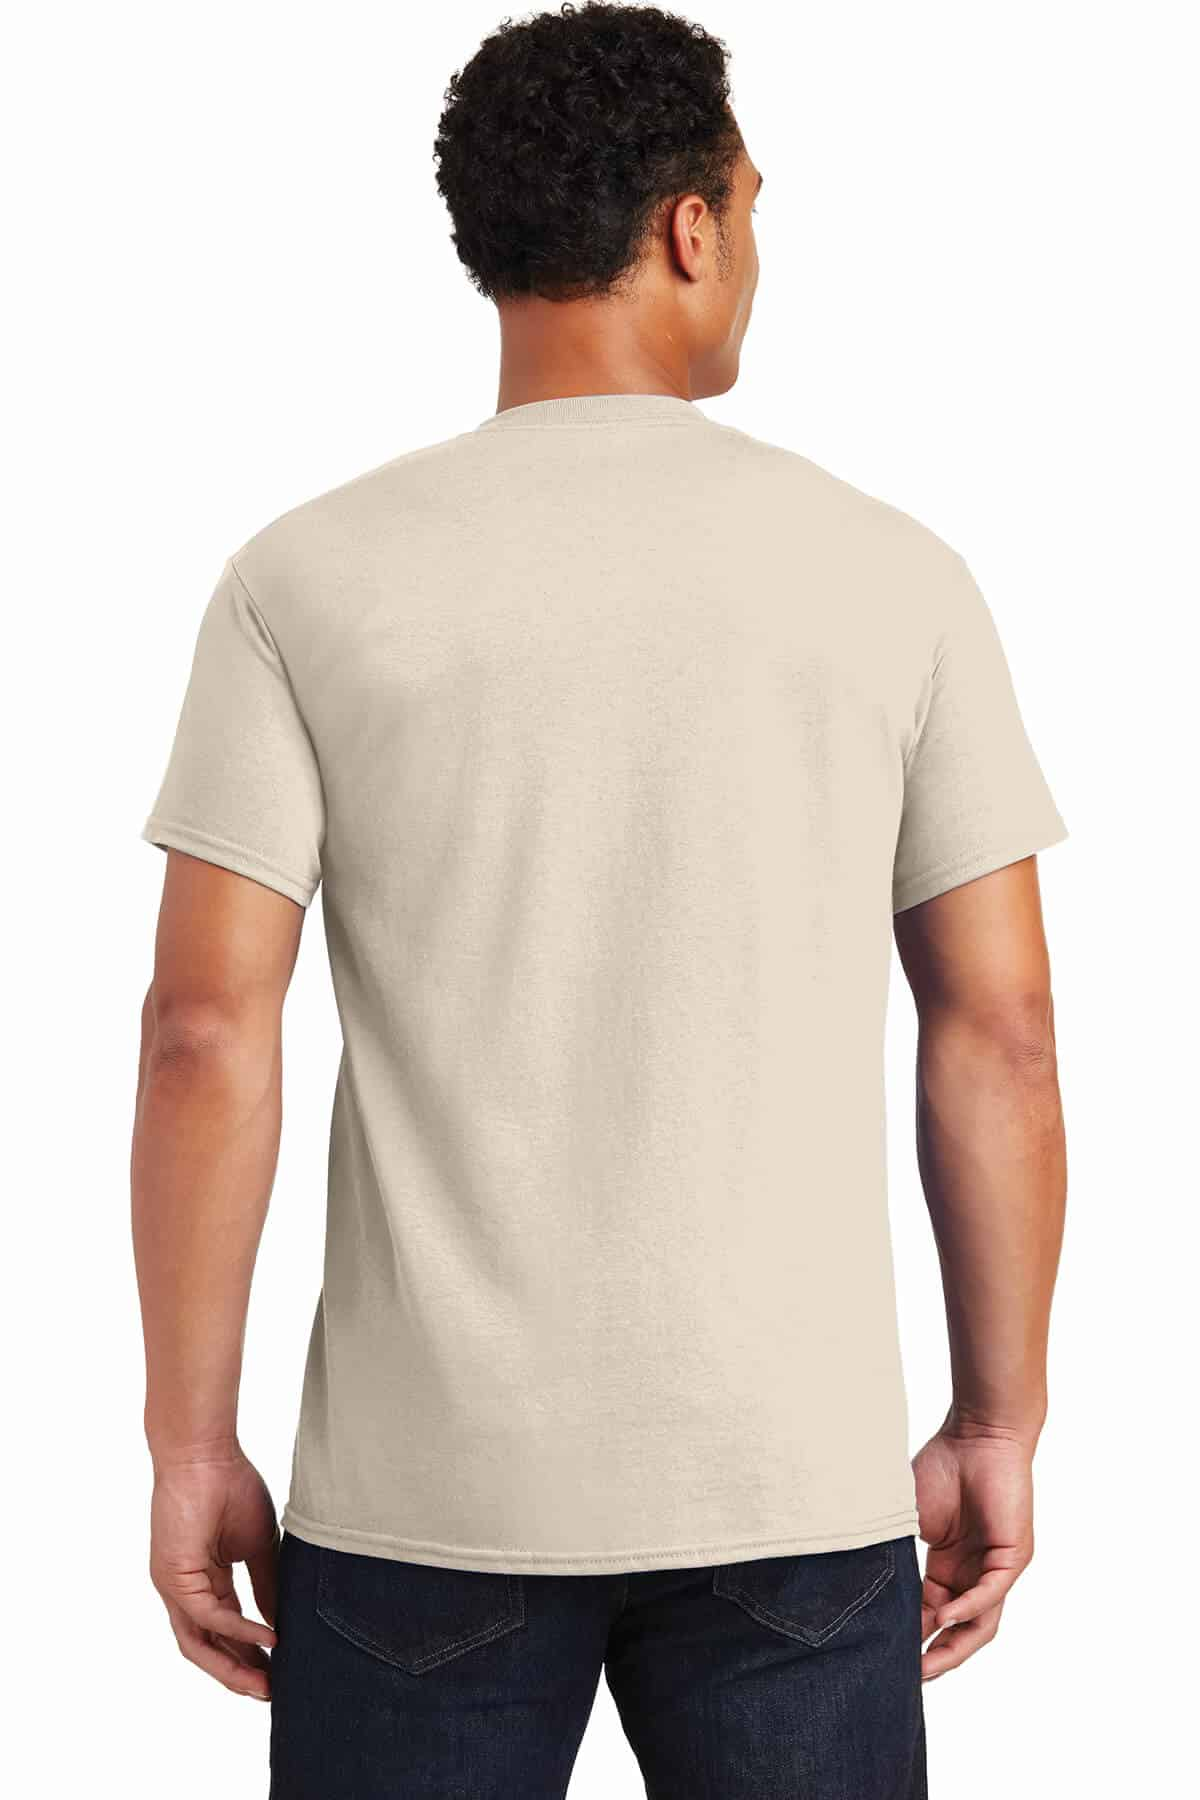 Natural TeeShirt Back